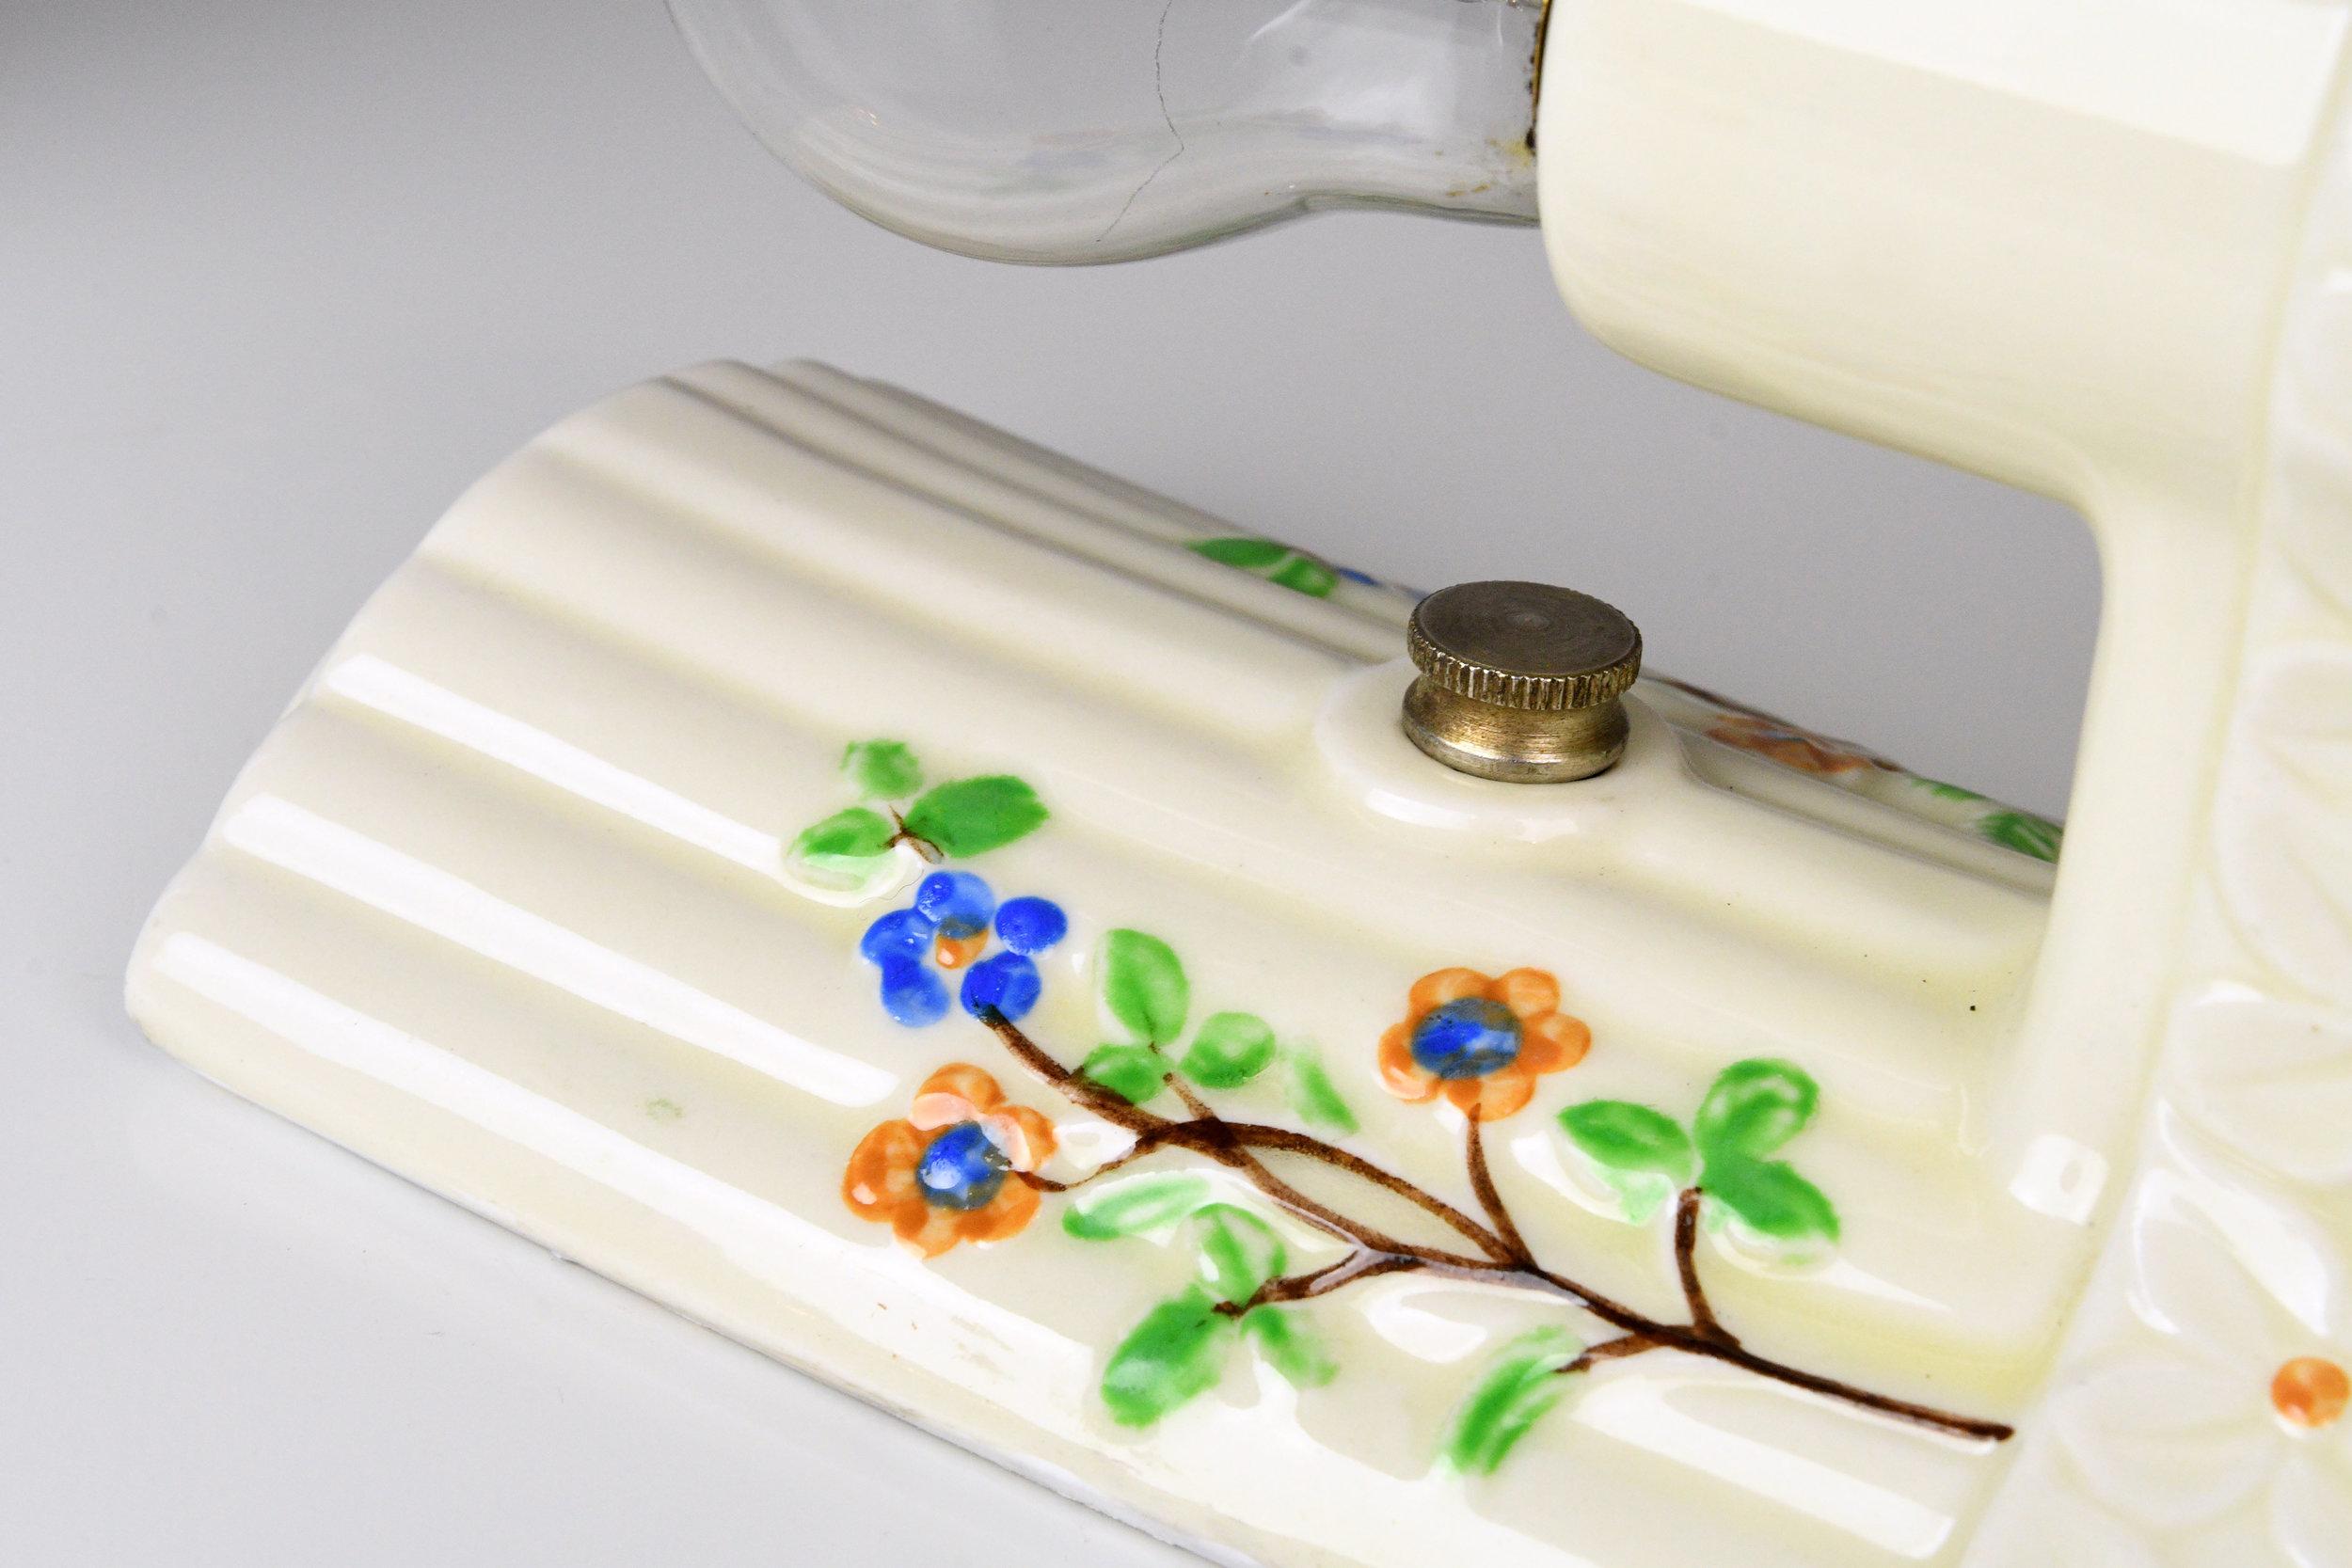 47767-porcelain-floral-bathroom-sconce-detail.jpg